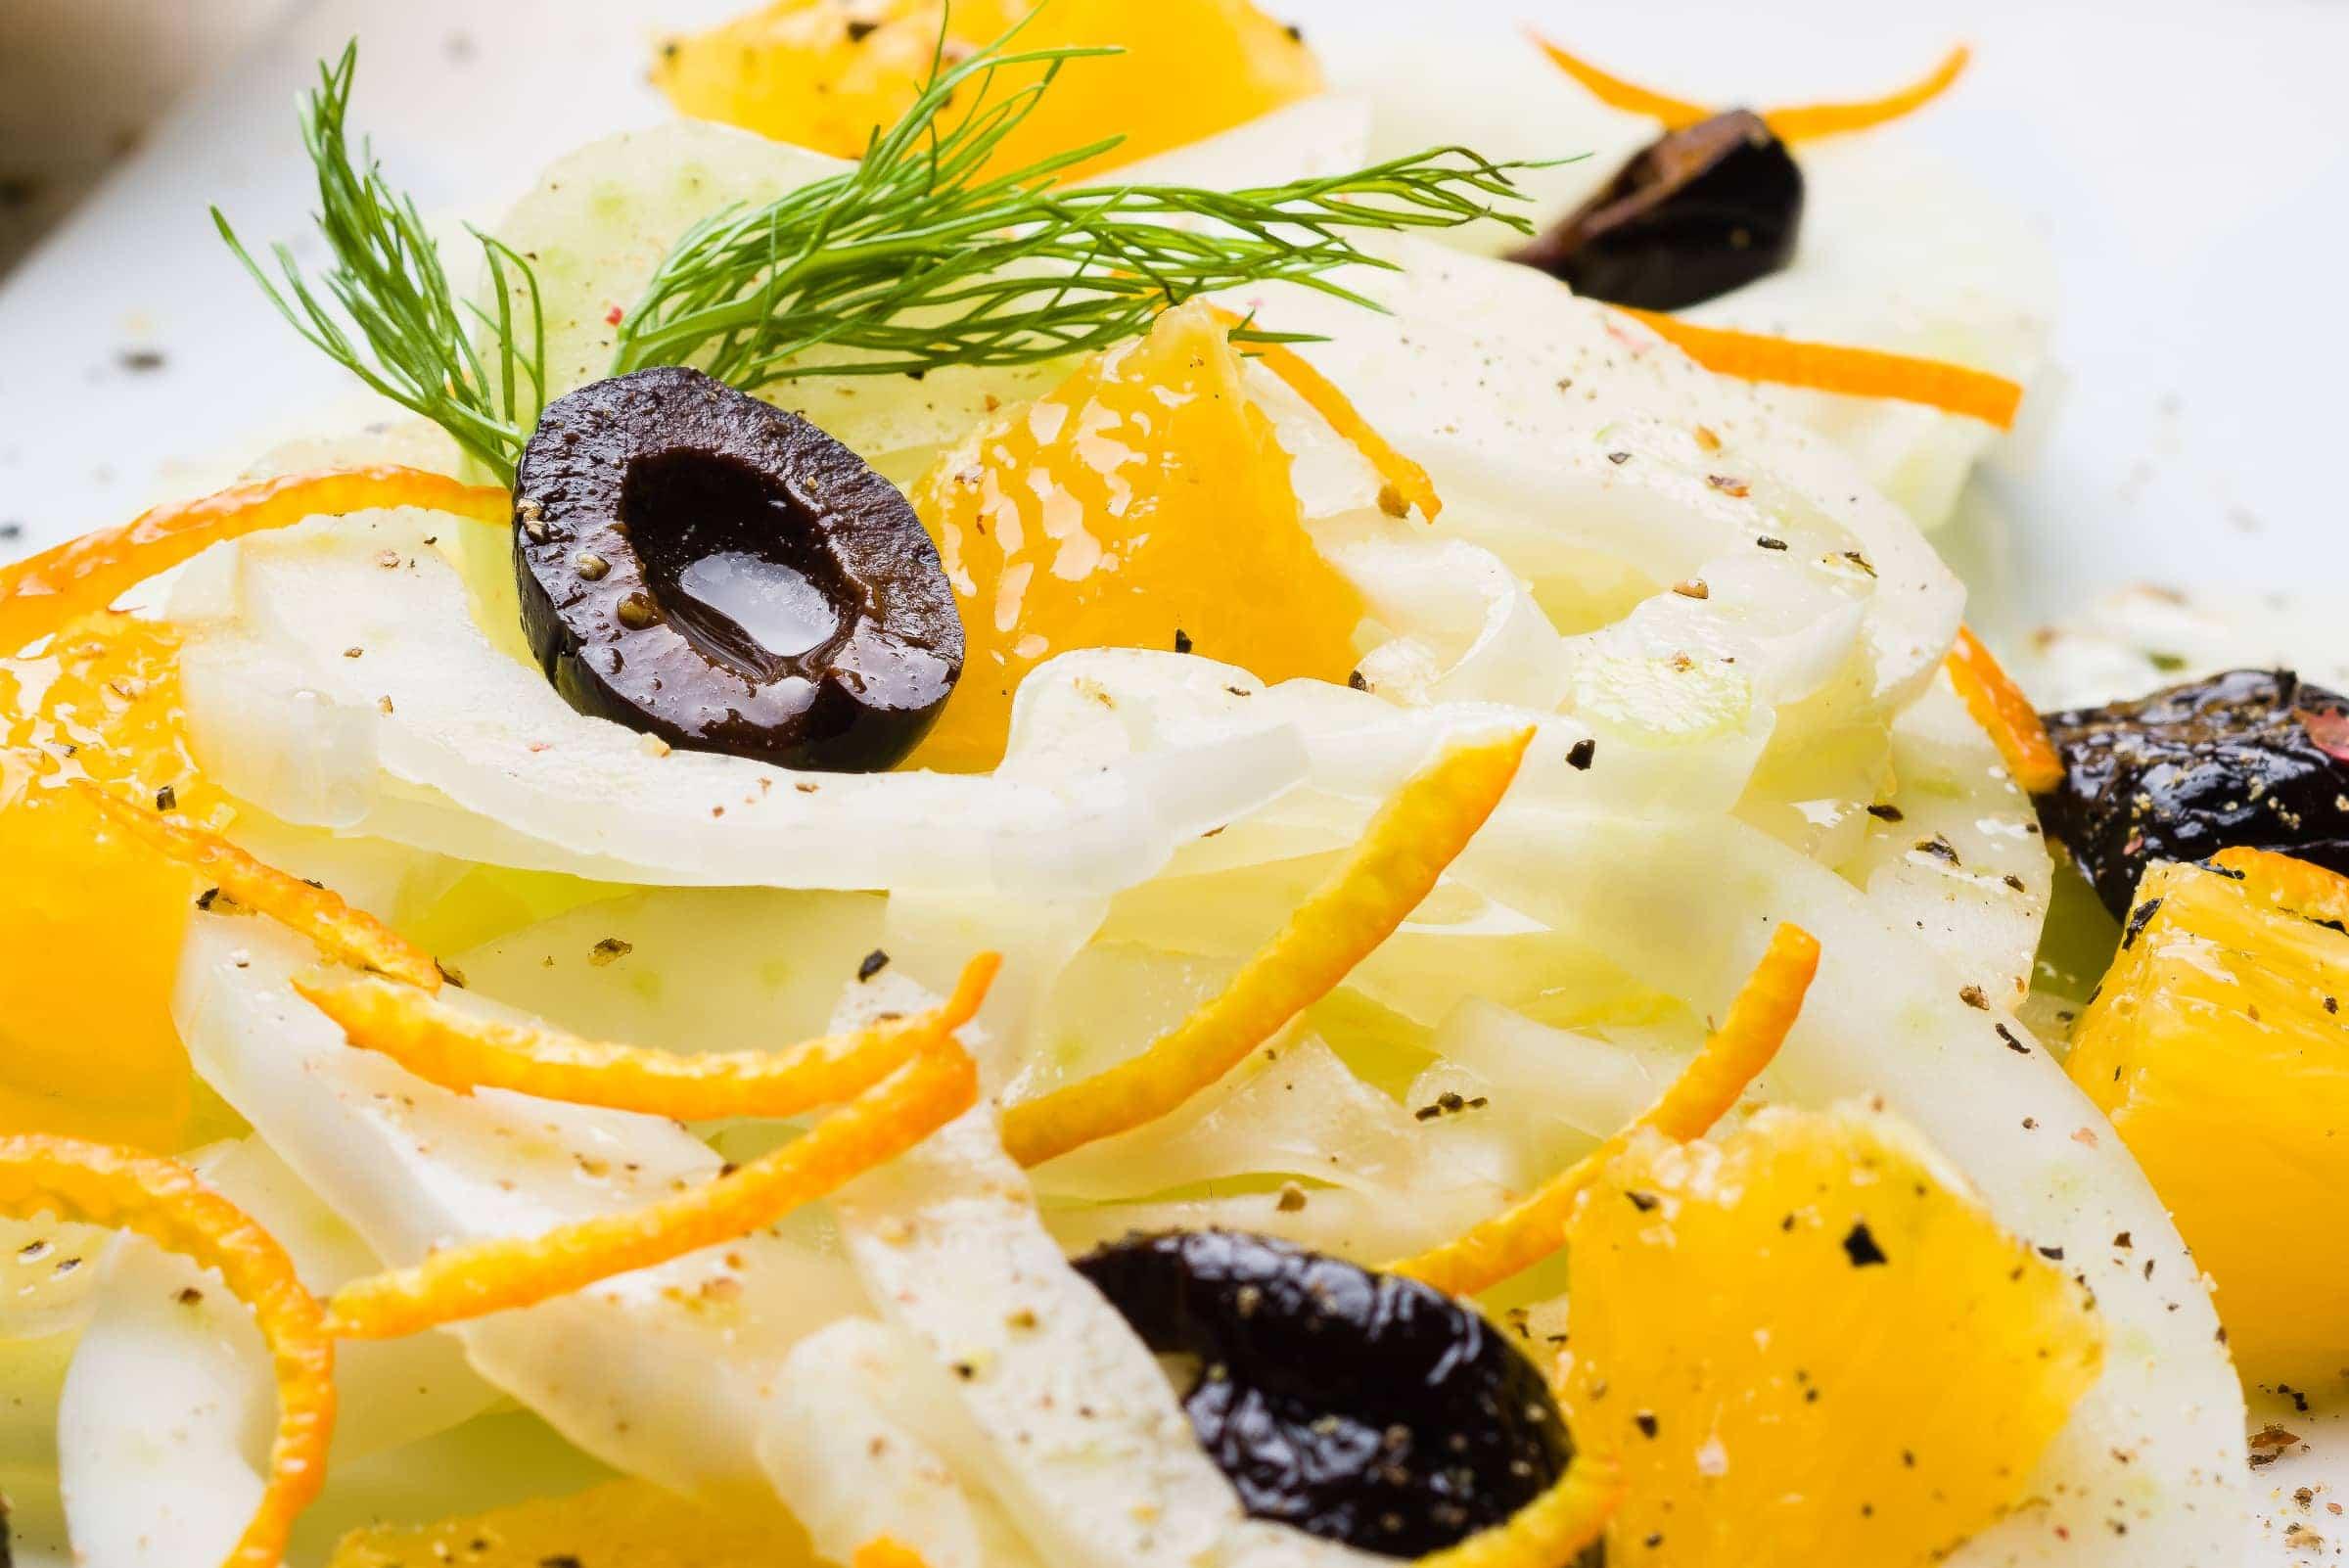 Insalata di finocchi arance olive nere cover